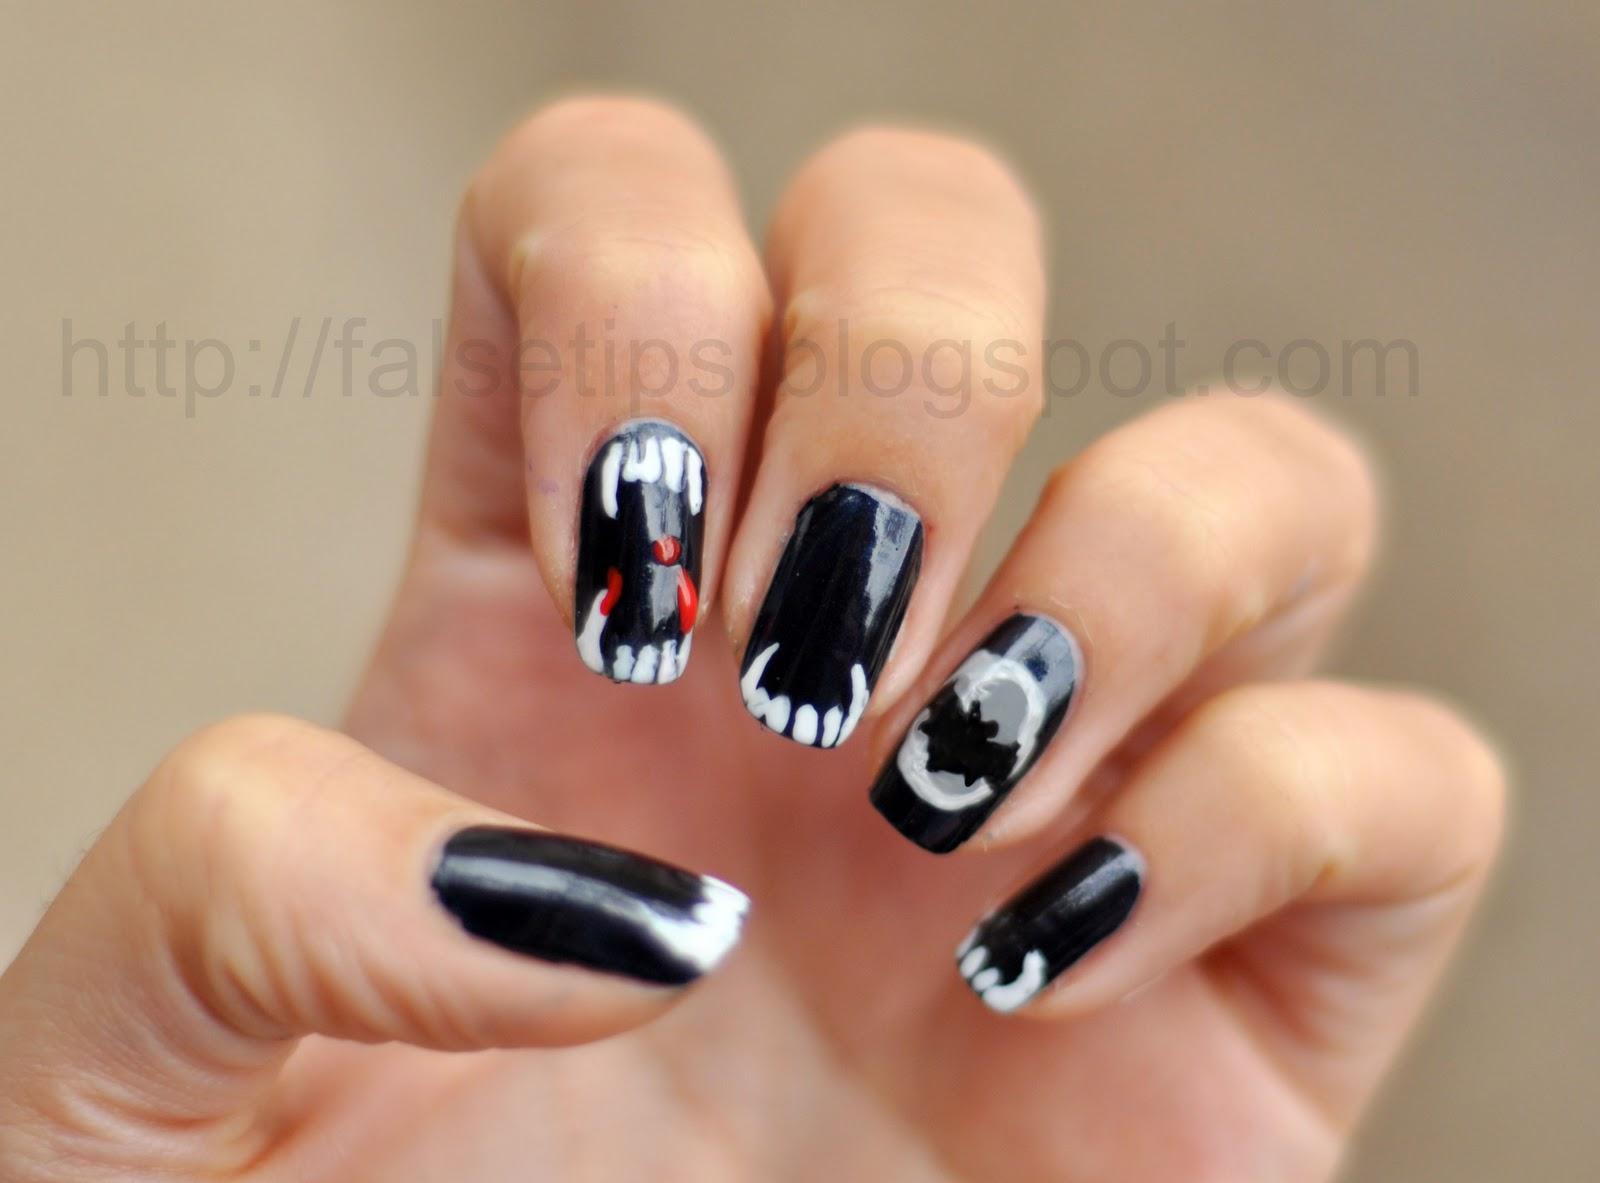 Halloween Vampire Teeth Nail Art   Sebi Bebi